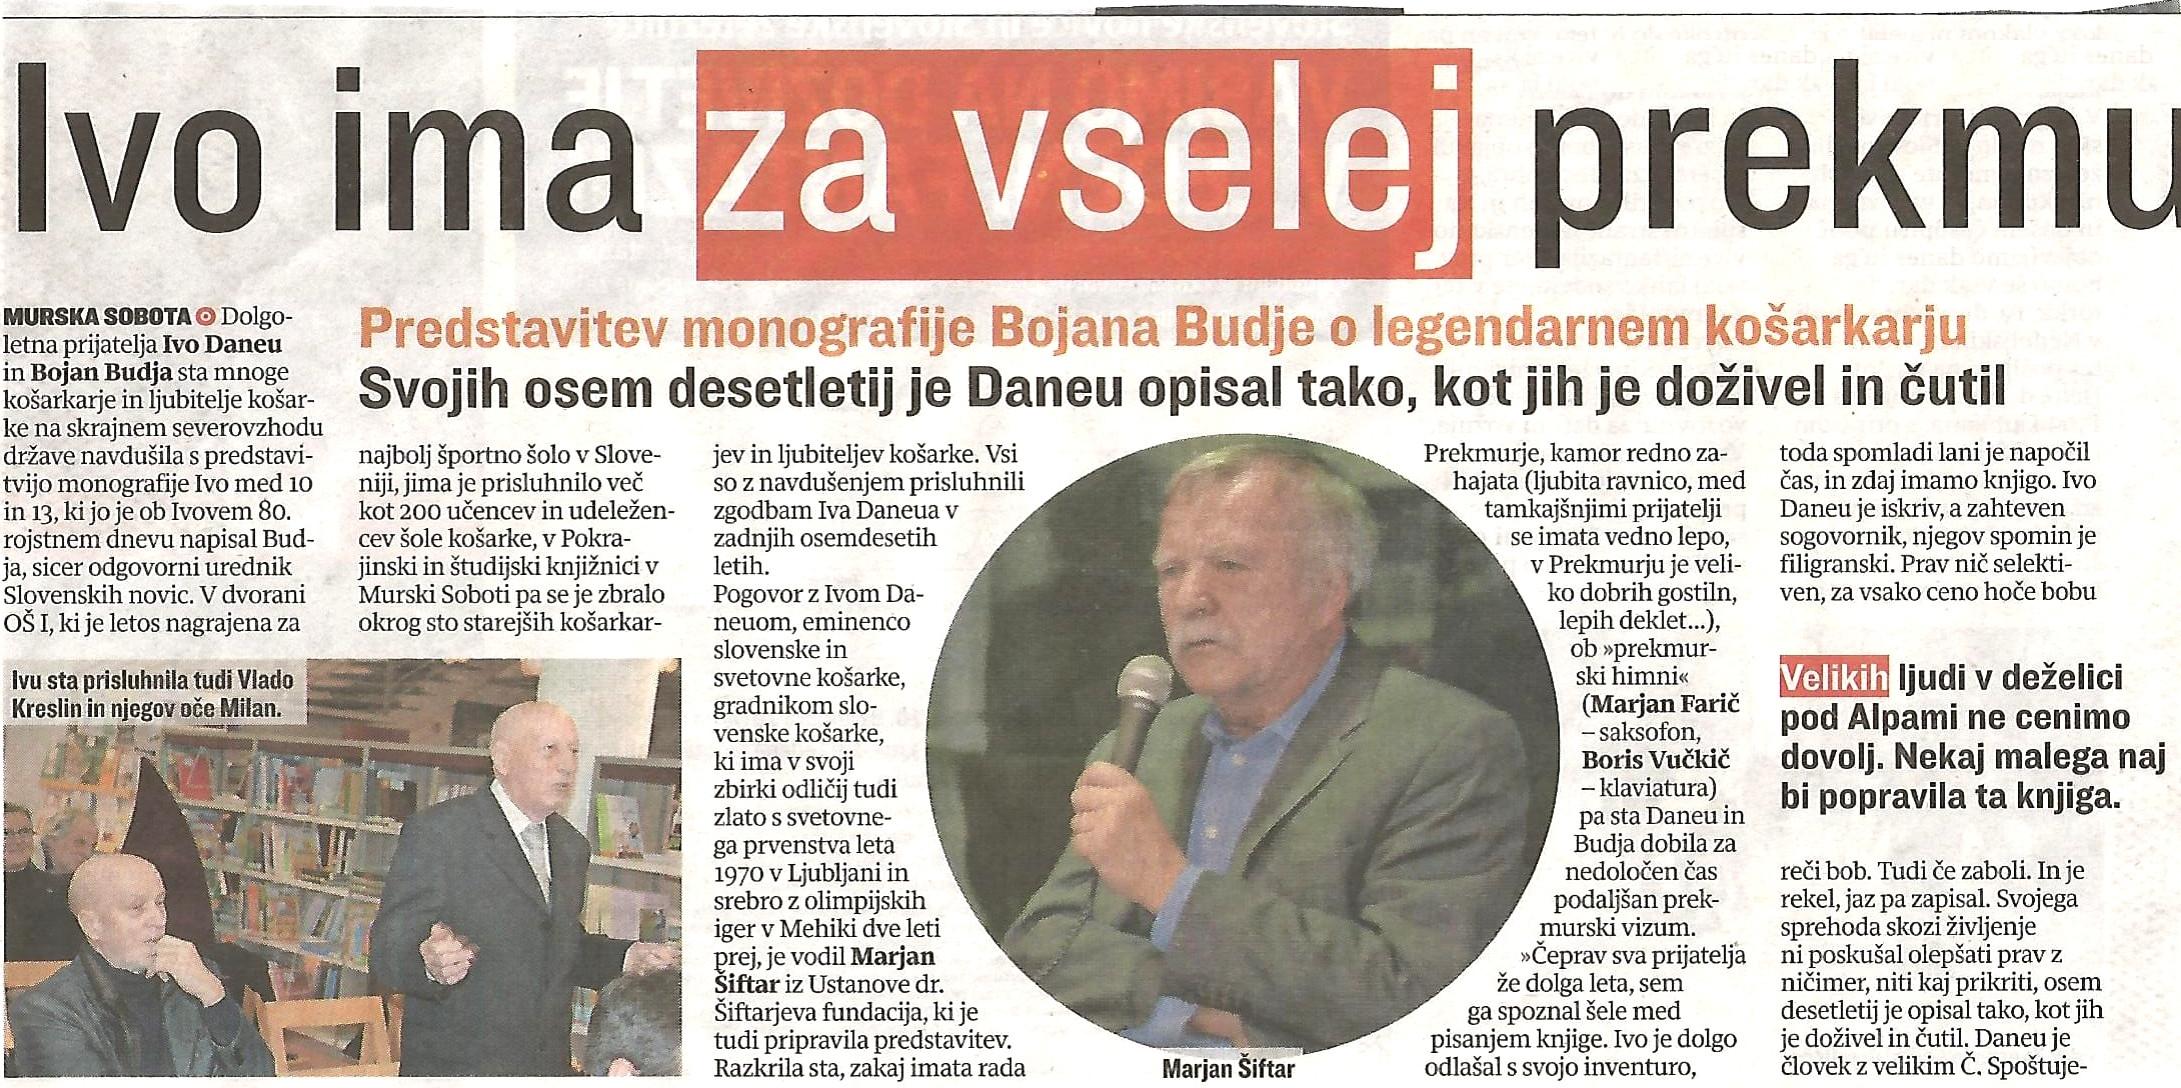 slovenske_novice_20171211-1